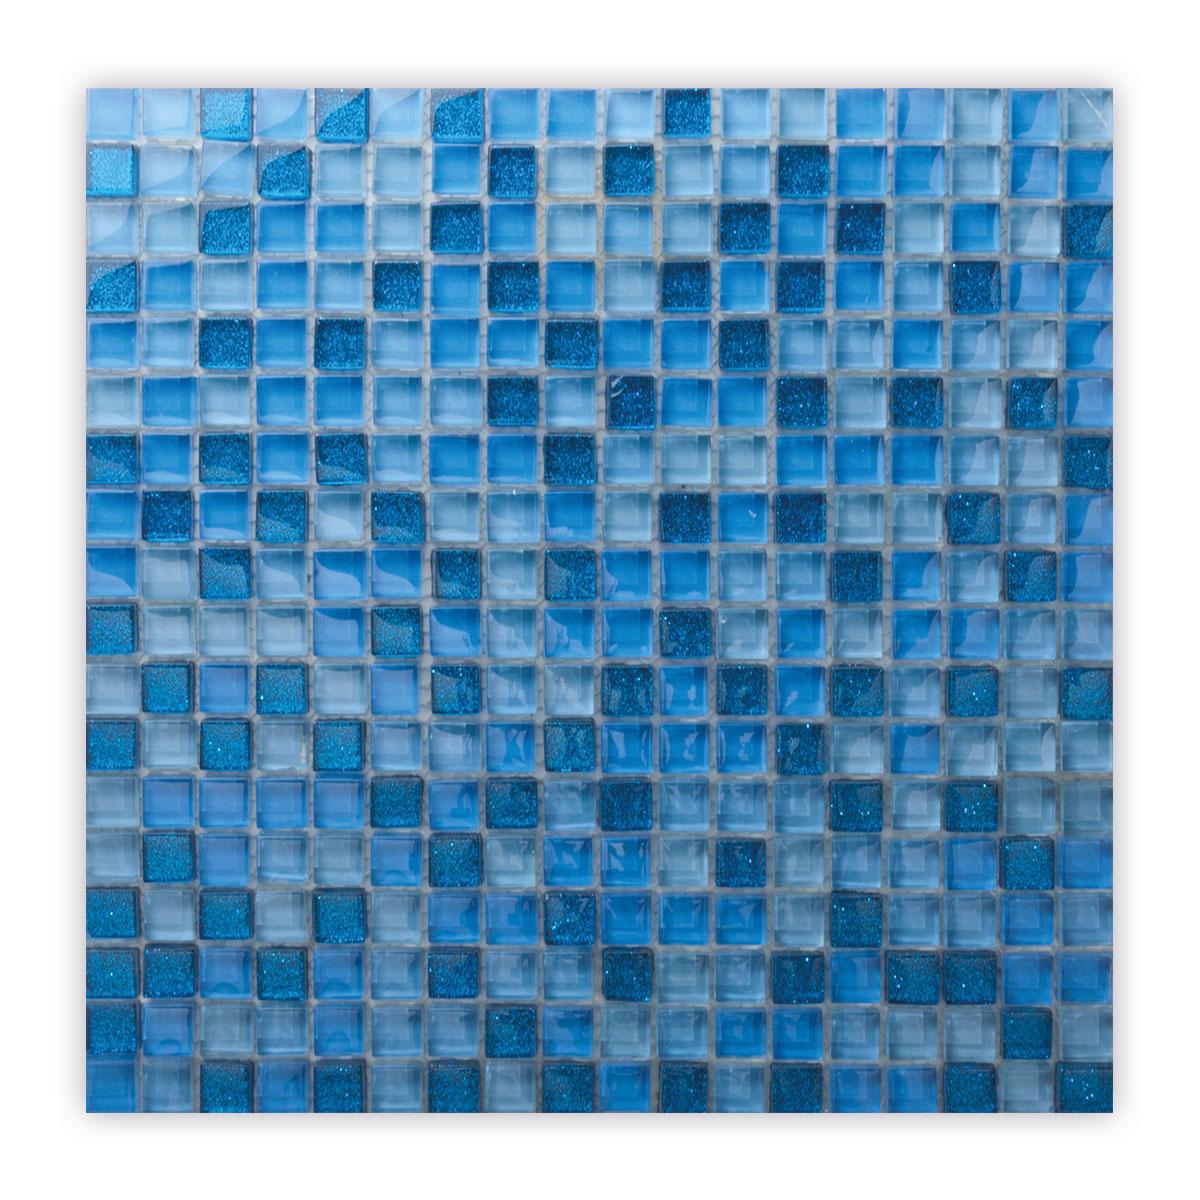 BRILLIANT blau mix Image